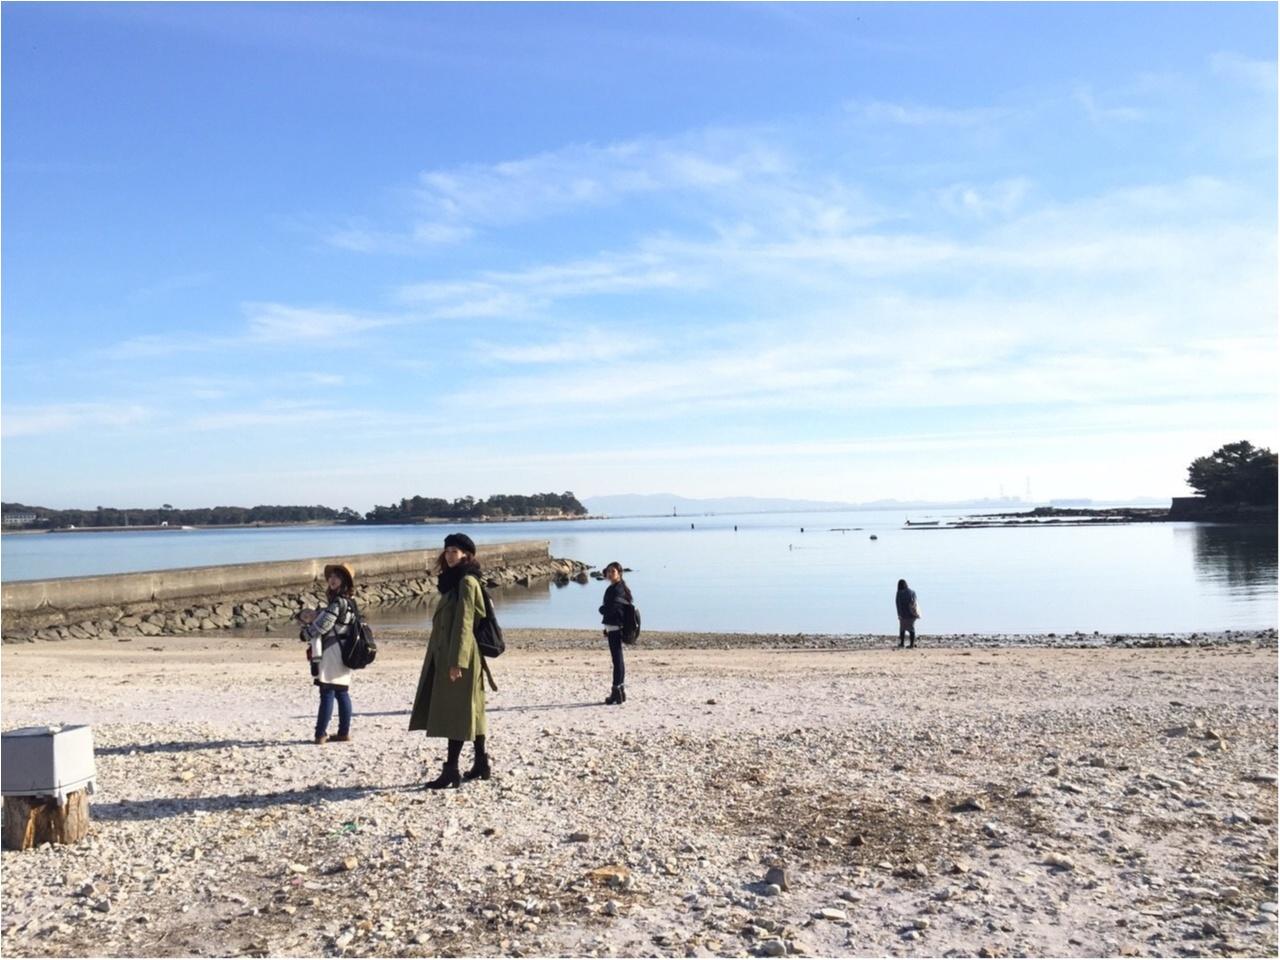 アートの島、佐久島でゆったりお散歩アート_1